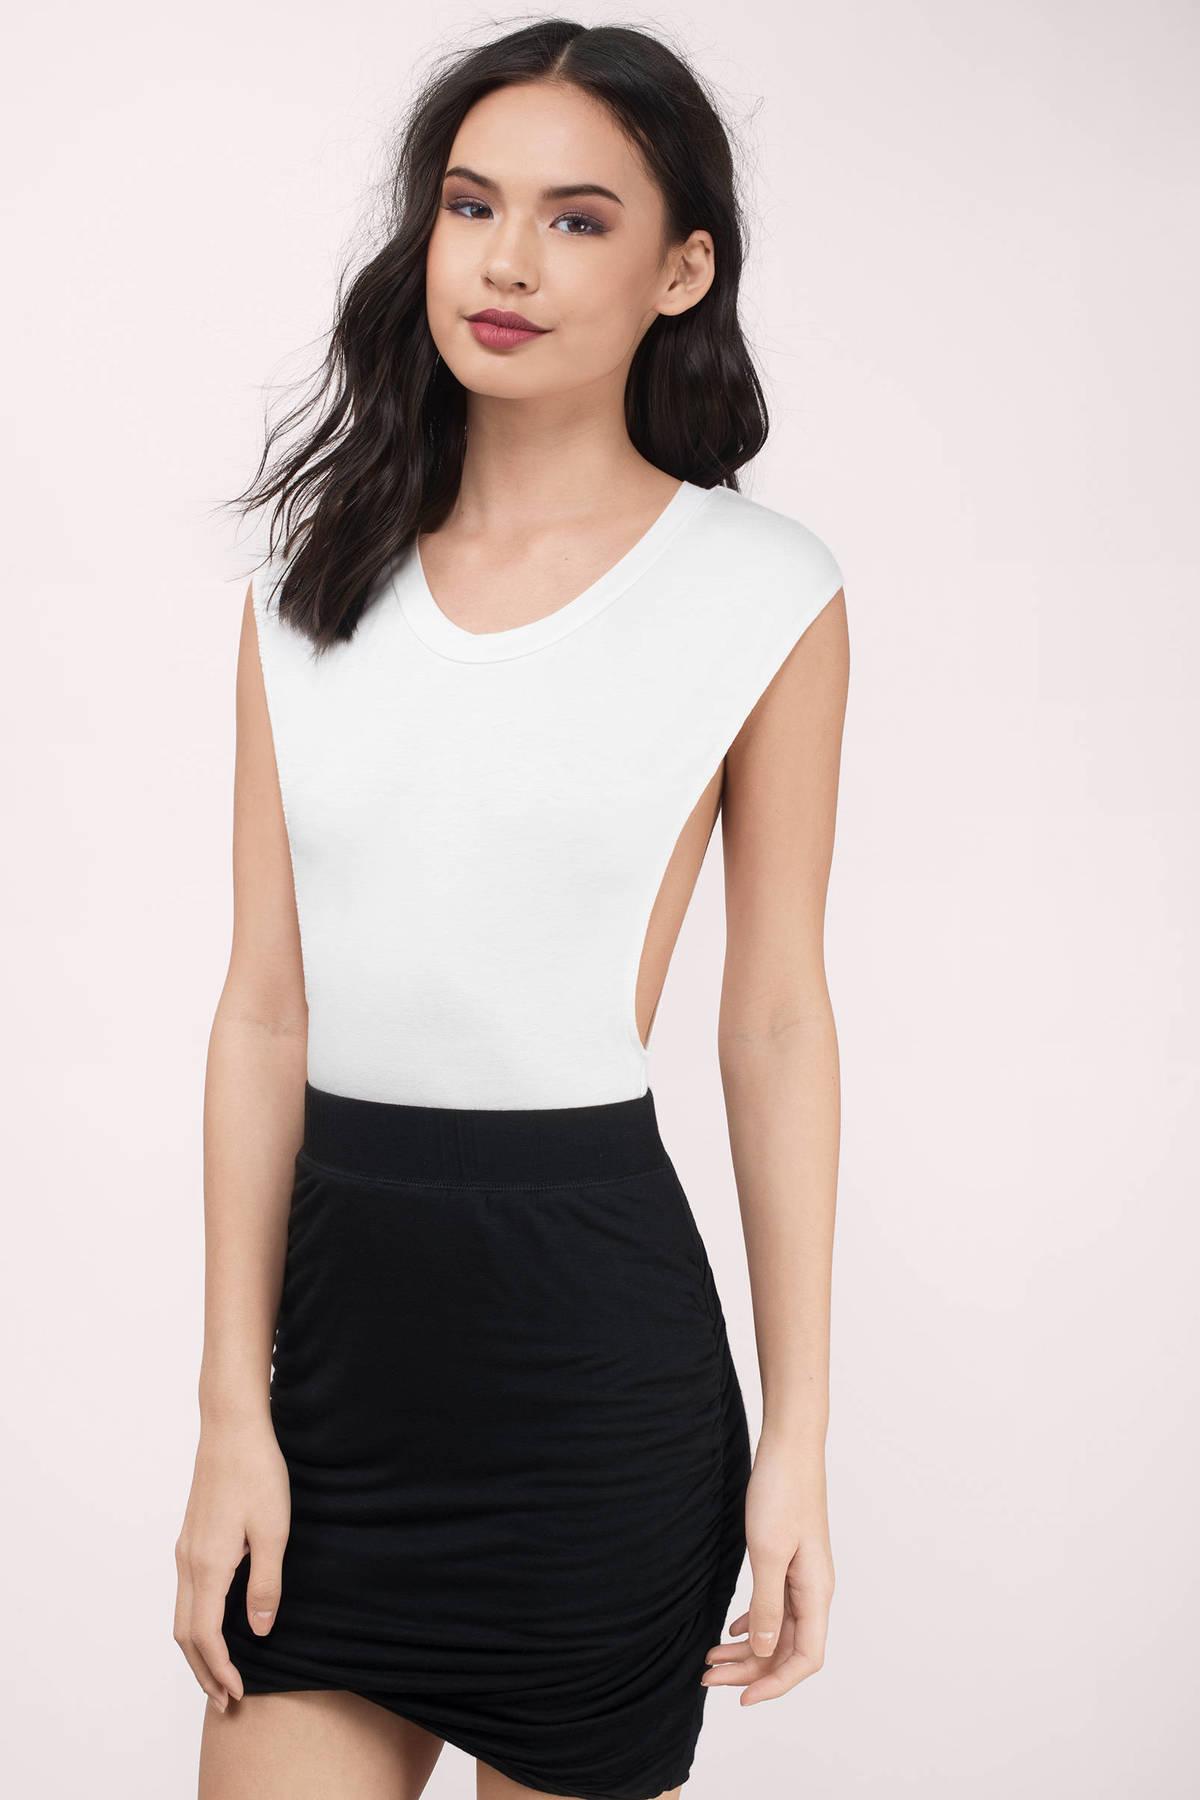 Black Mini Skirt Redskirtz